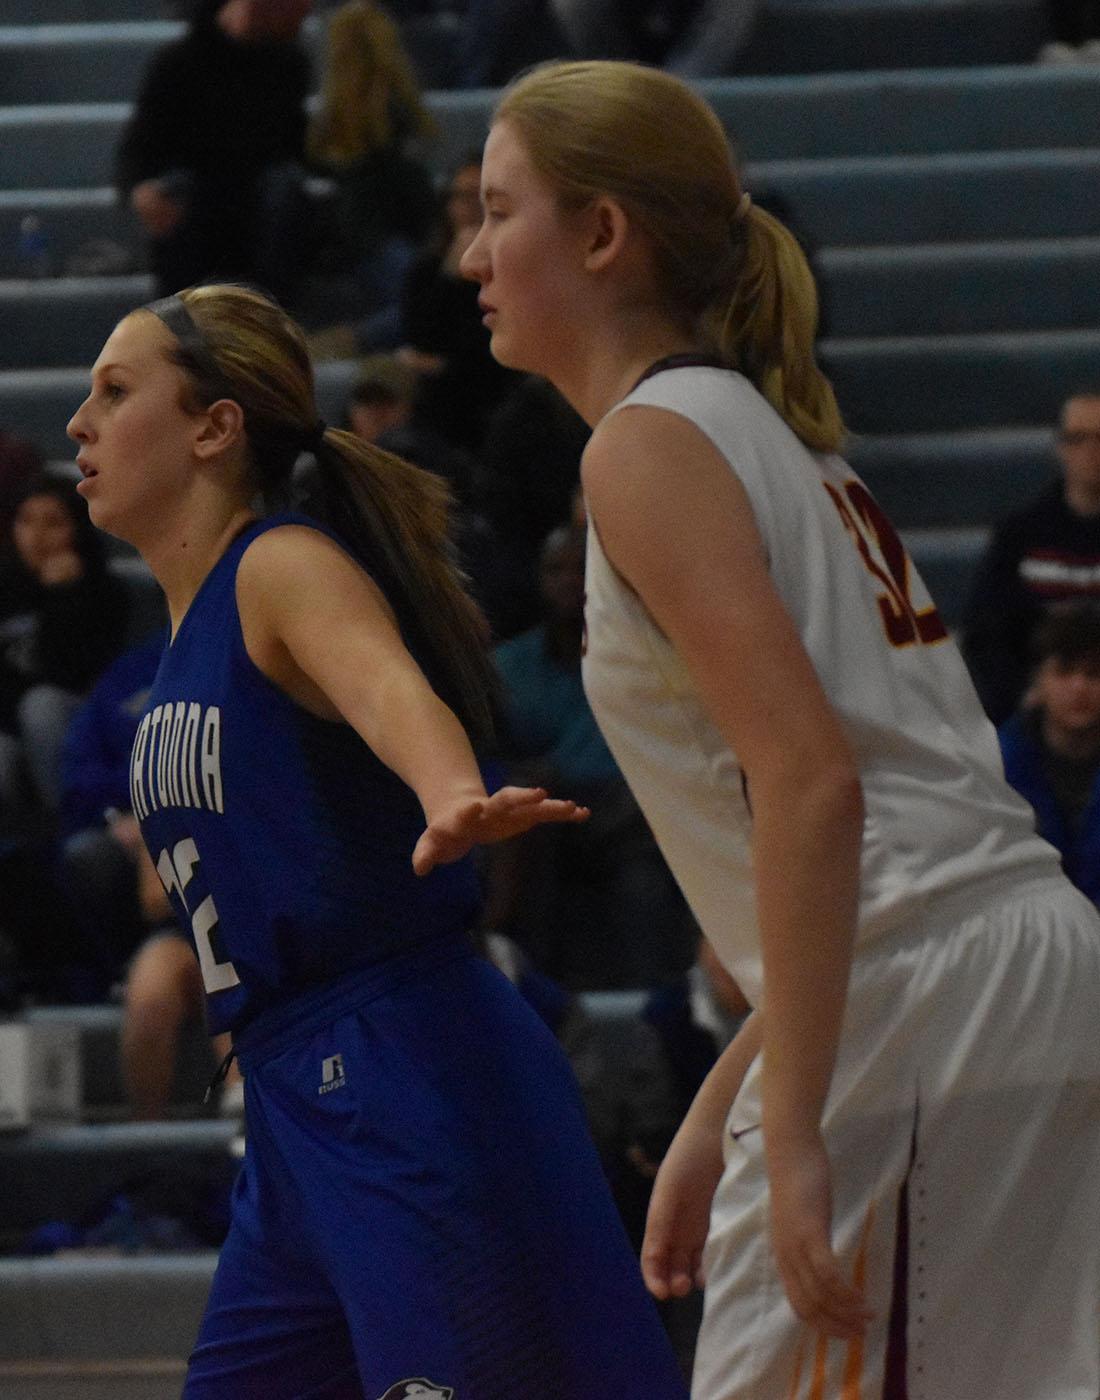 Kenna Schroht Plays defense